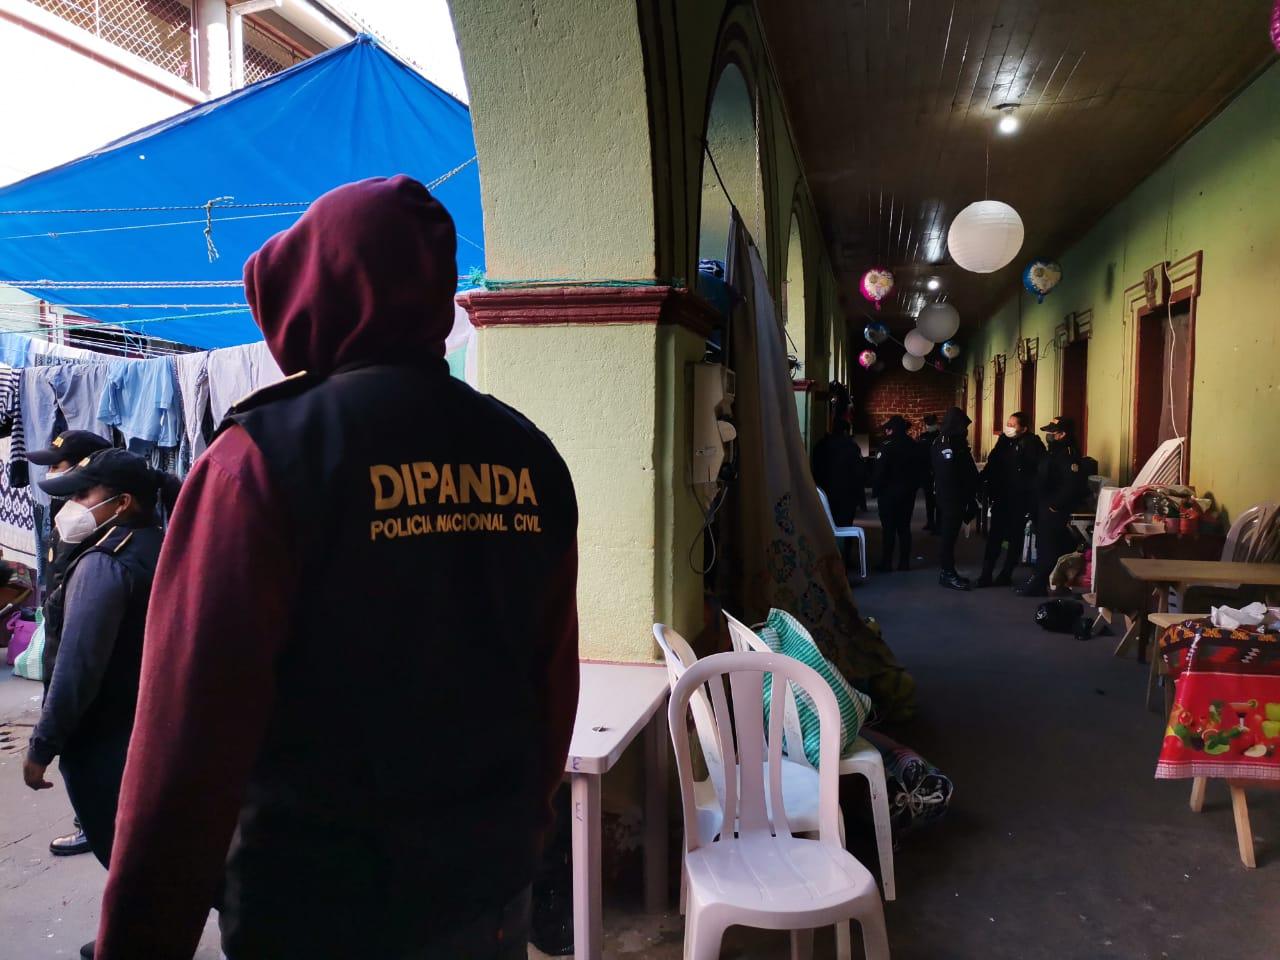 Las autoridades de la Policía Nacional Civil -PNC- y del Sistema Penitenciario -SP- localizaron varios celulares y cargadores en la cárcel de mujeres de Quetzaltenango; la requisa que se efectuó se ubica la 1ª calle de la zona 1 de Xela donde hay 150 mujeres privadas de libertad y está bajo el cargo del SP.